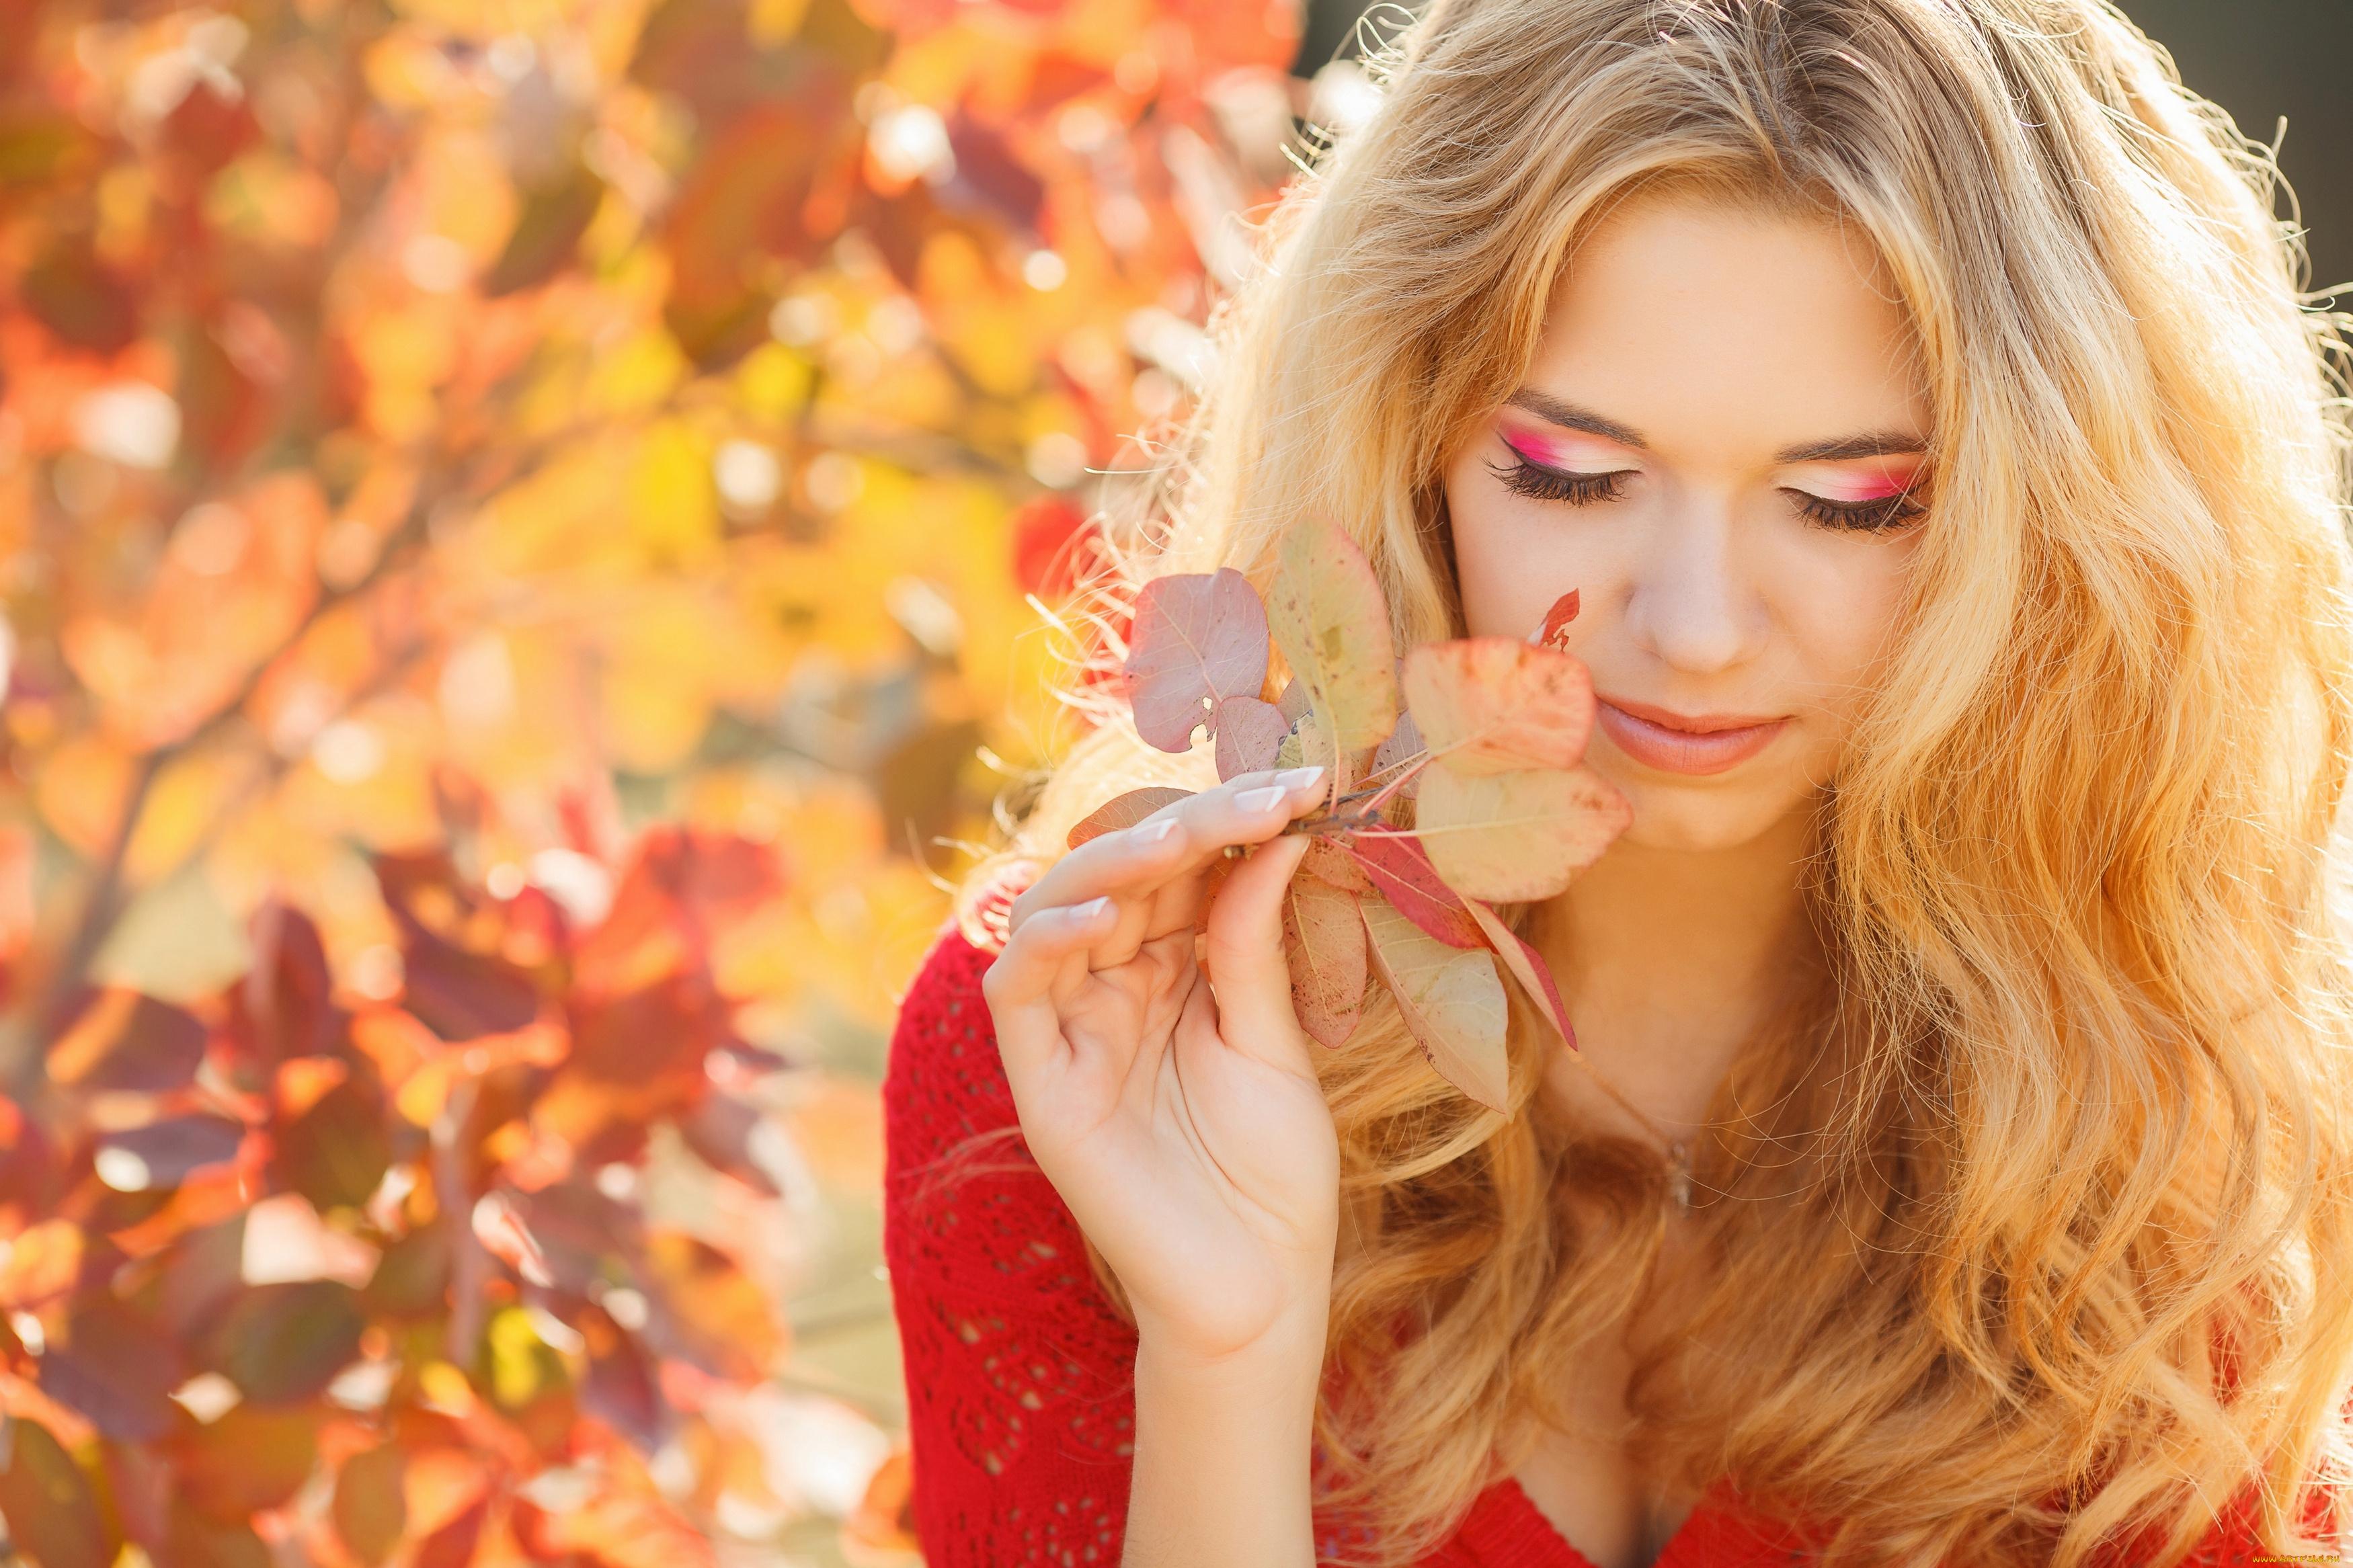 Картинки девушка и осень красивые, скрапбукингу открытка